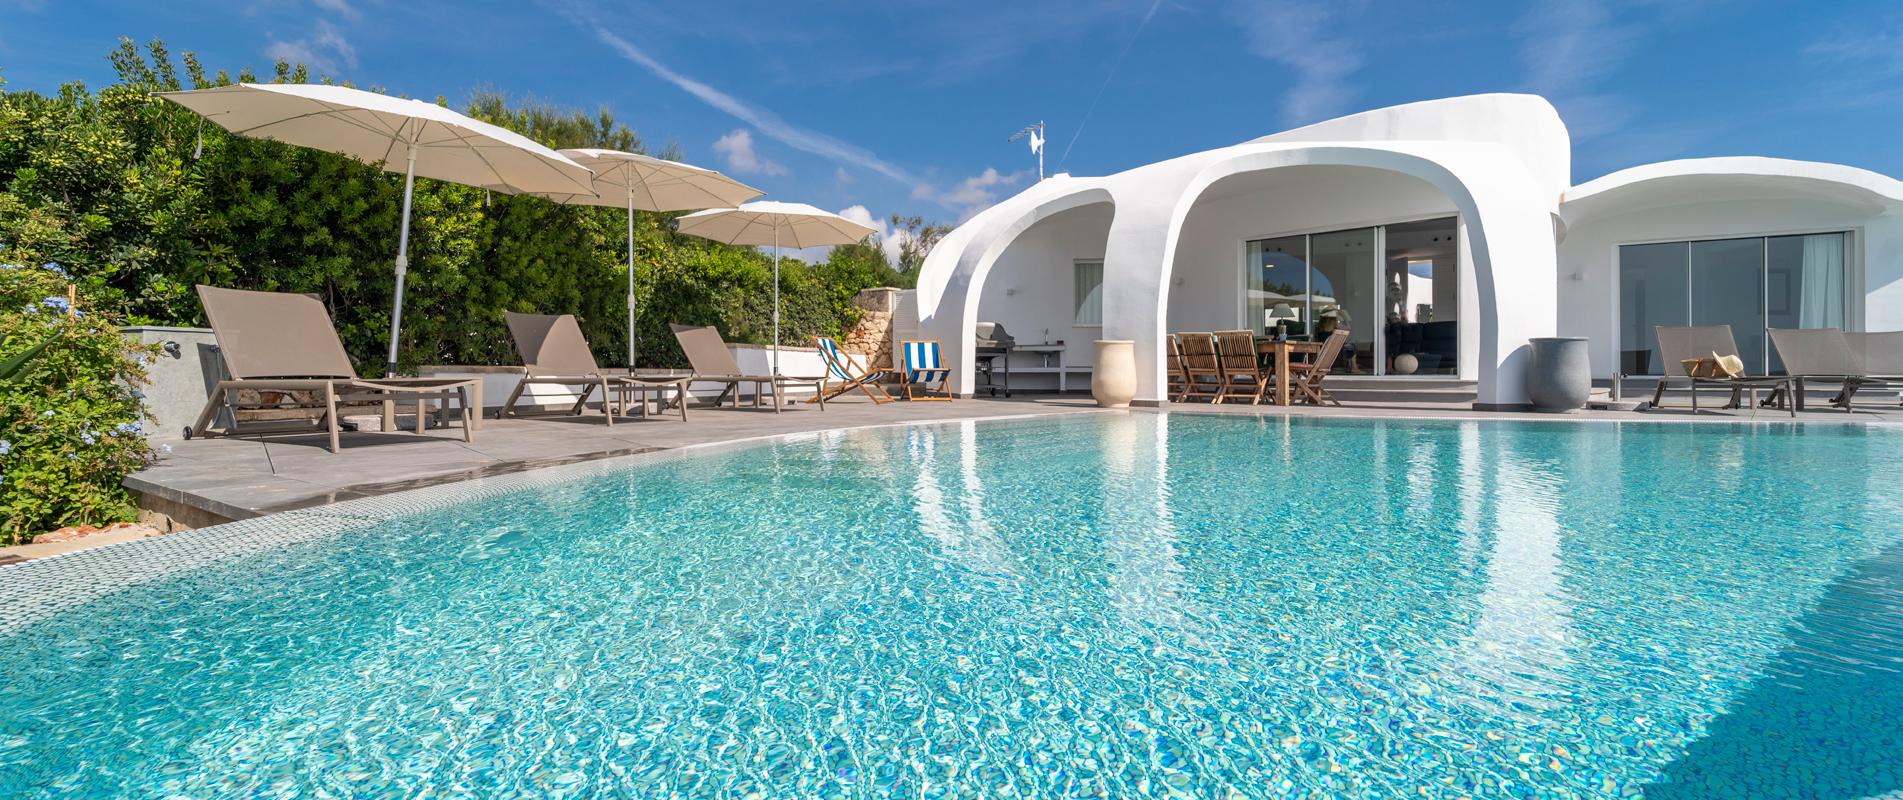 Vacanze in villa di lusso a Minorca